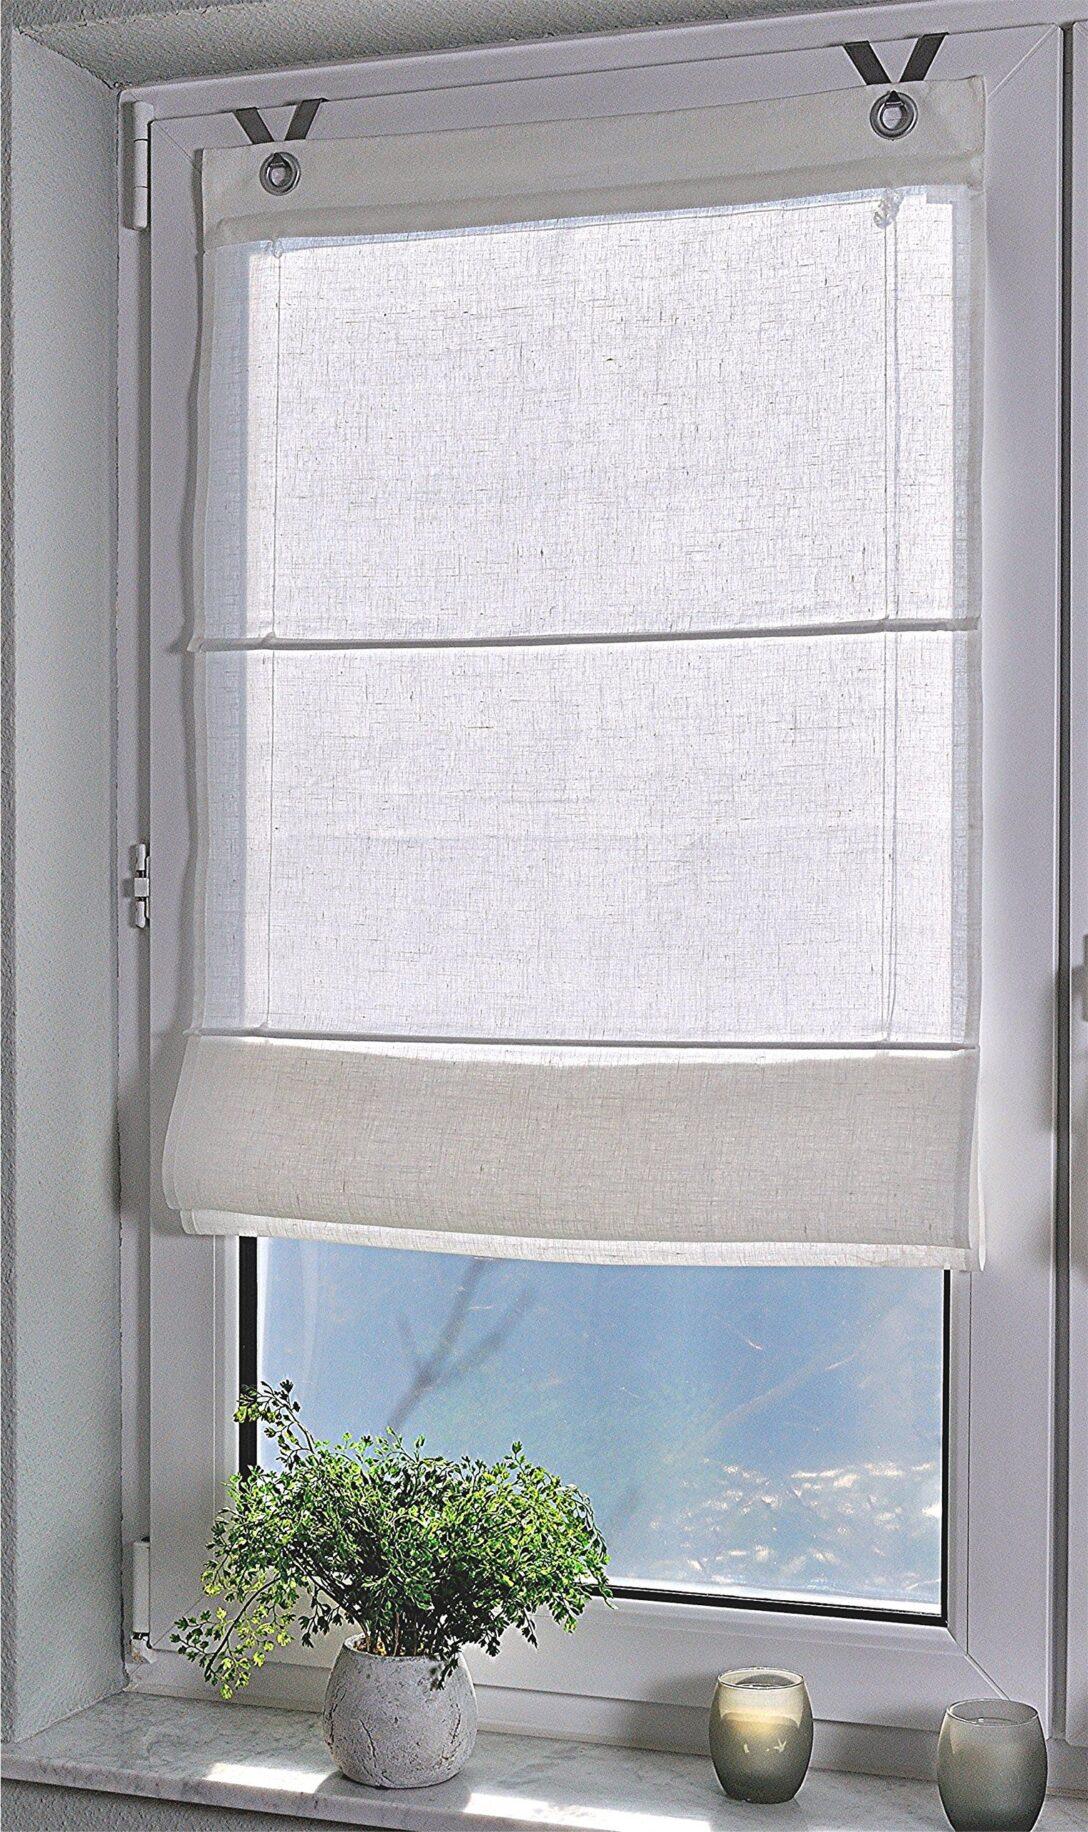 Large Size of Raffrollo Senrollo Metis Weiss 100 Leinen 45 140 Amazonde Küche Küchen Regal Wohnzimmer Küchen Raffrollo